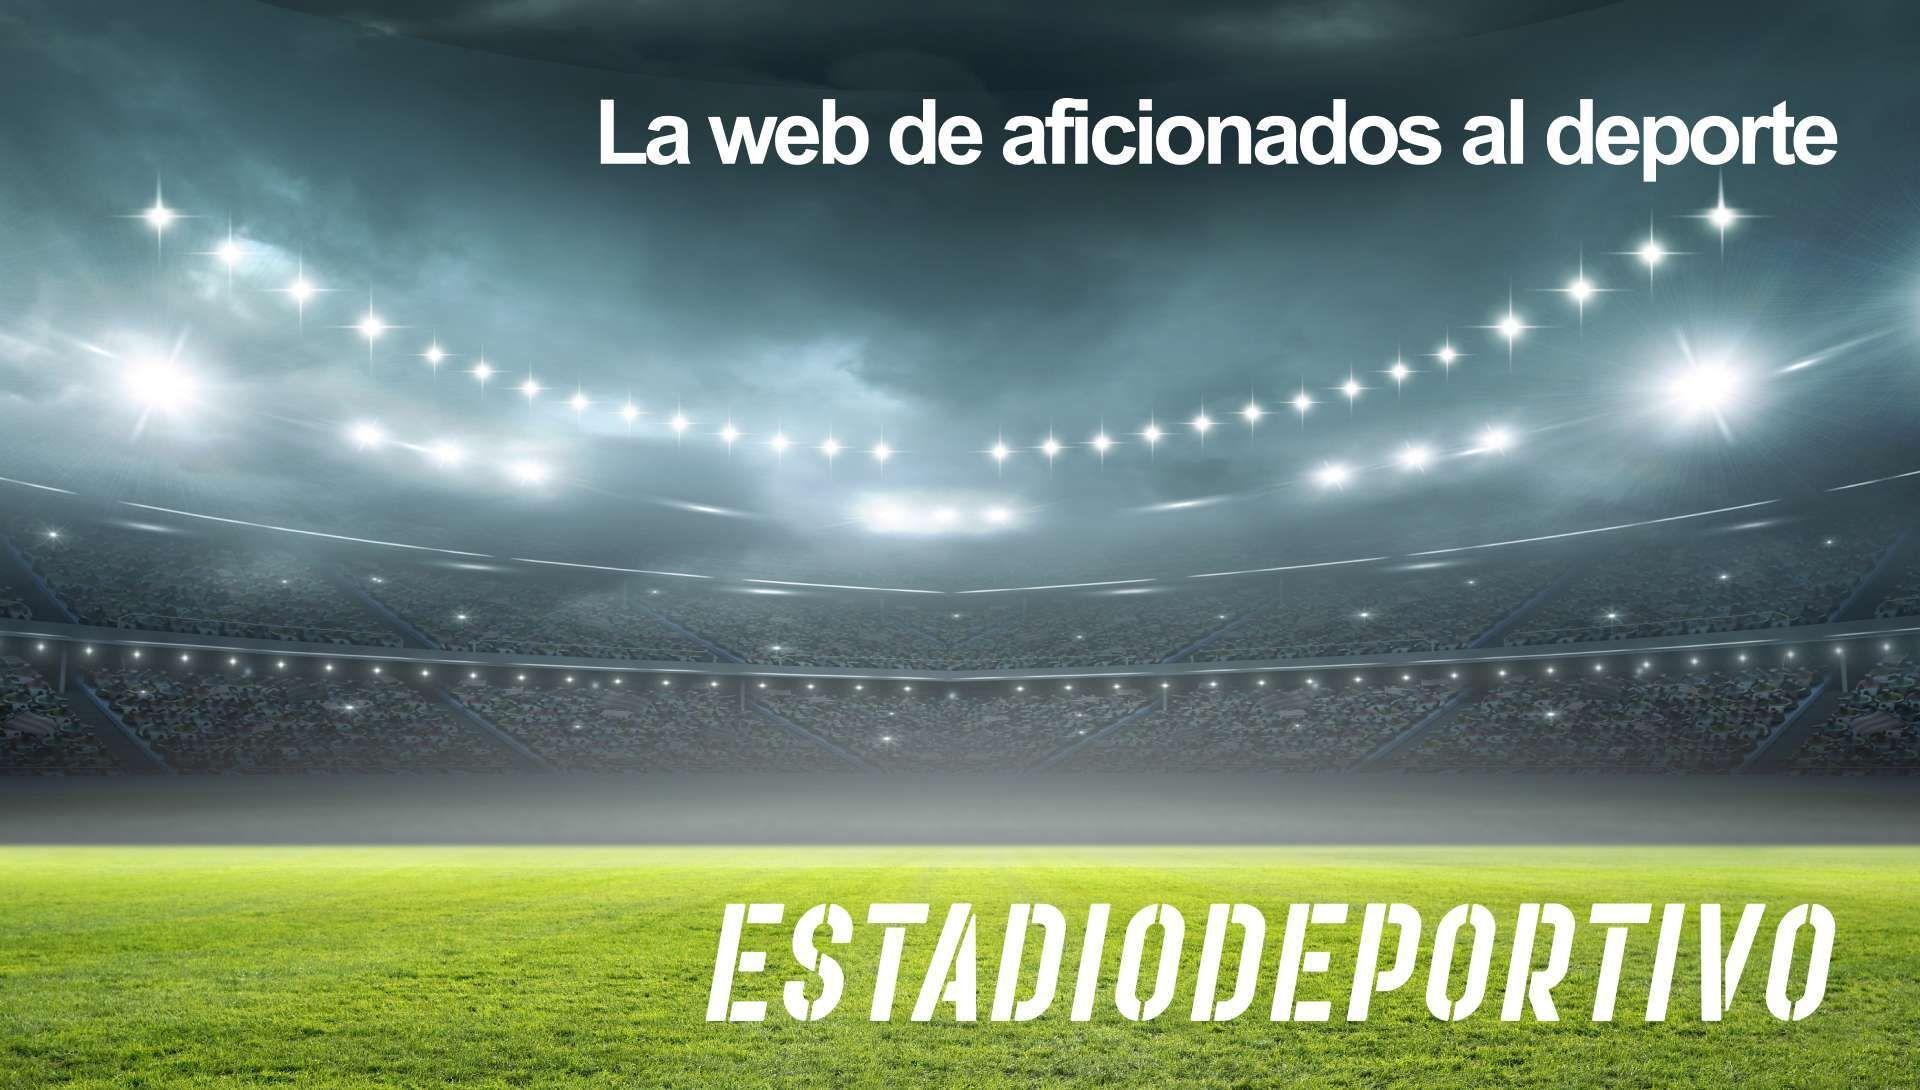 Las portadas del miércoles 7 de julio